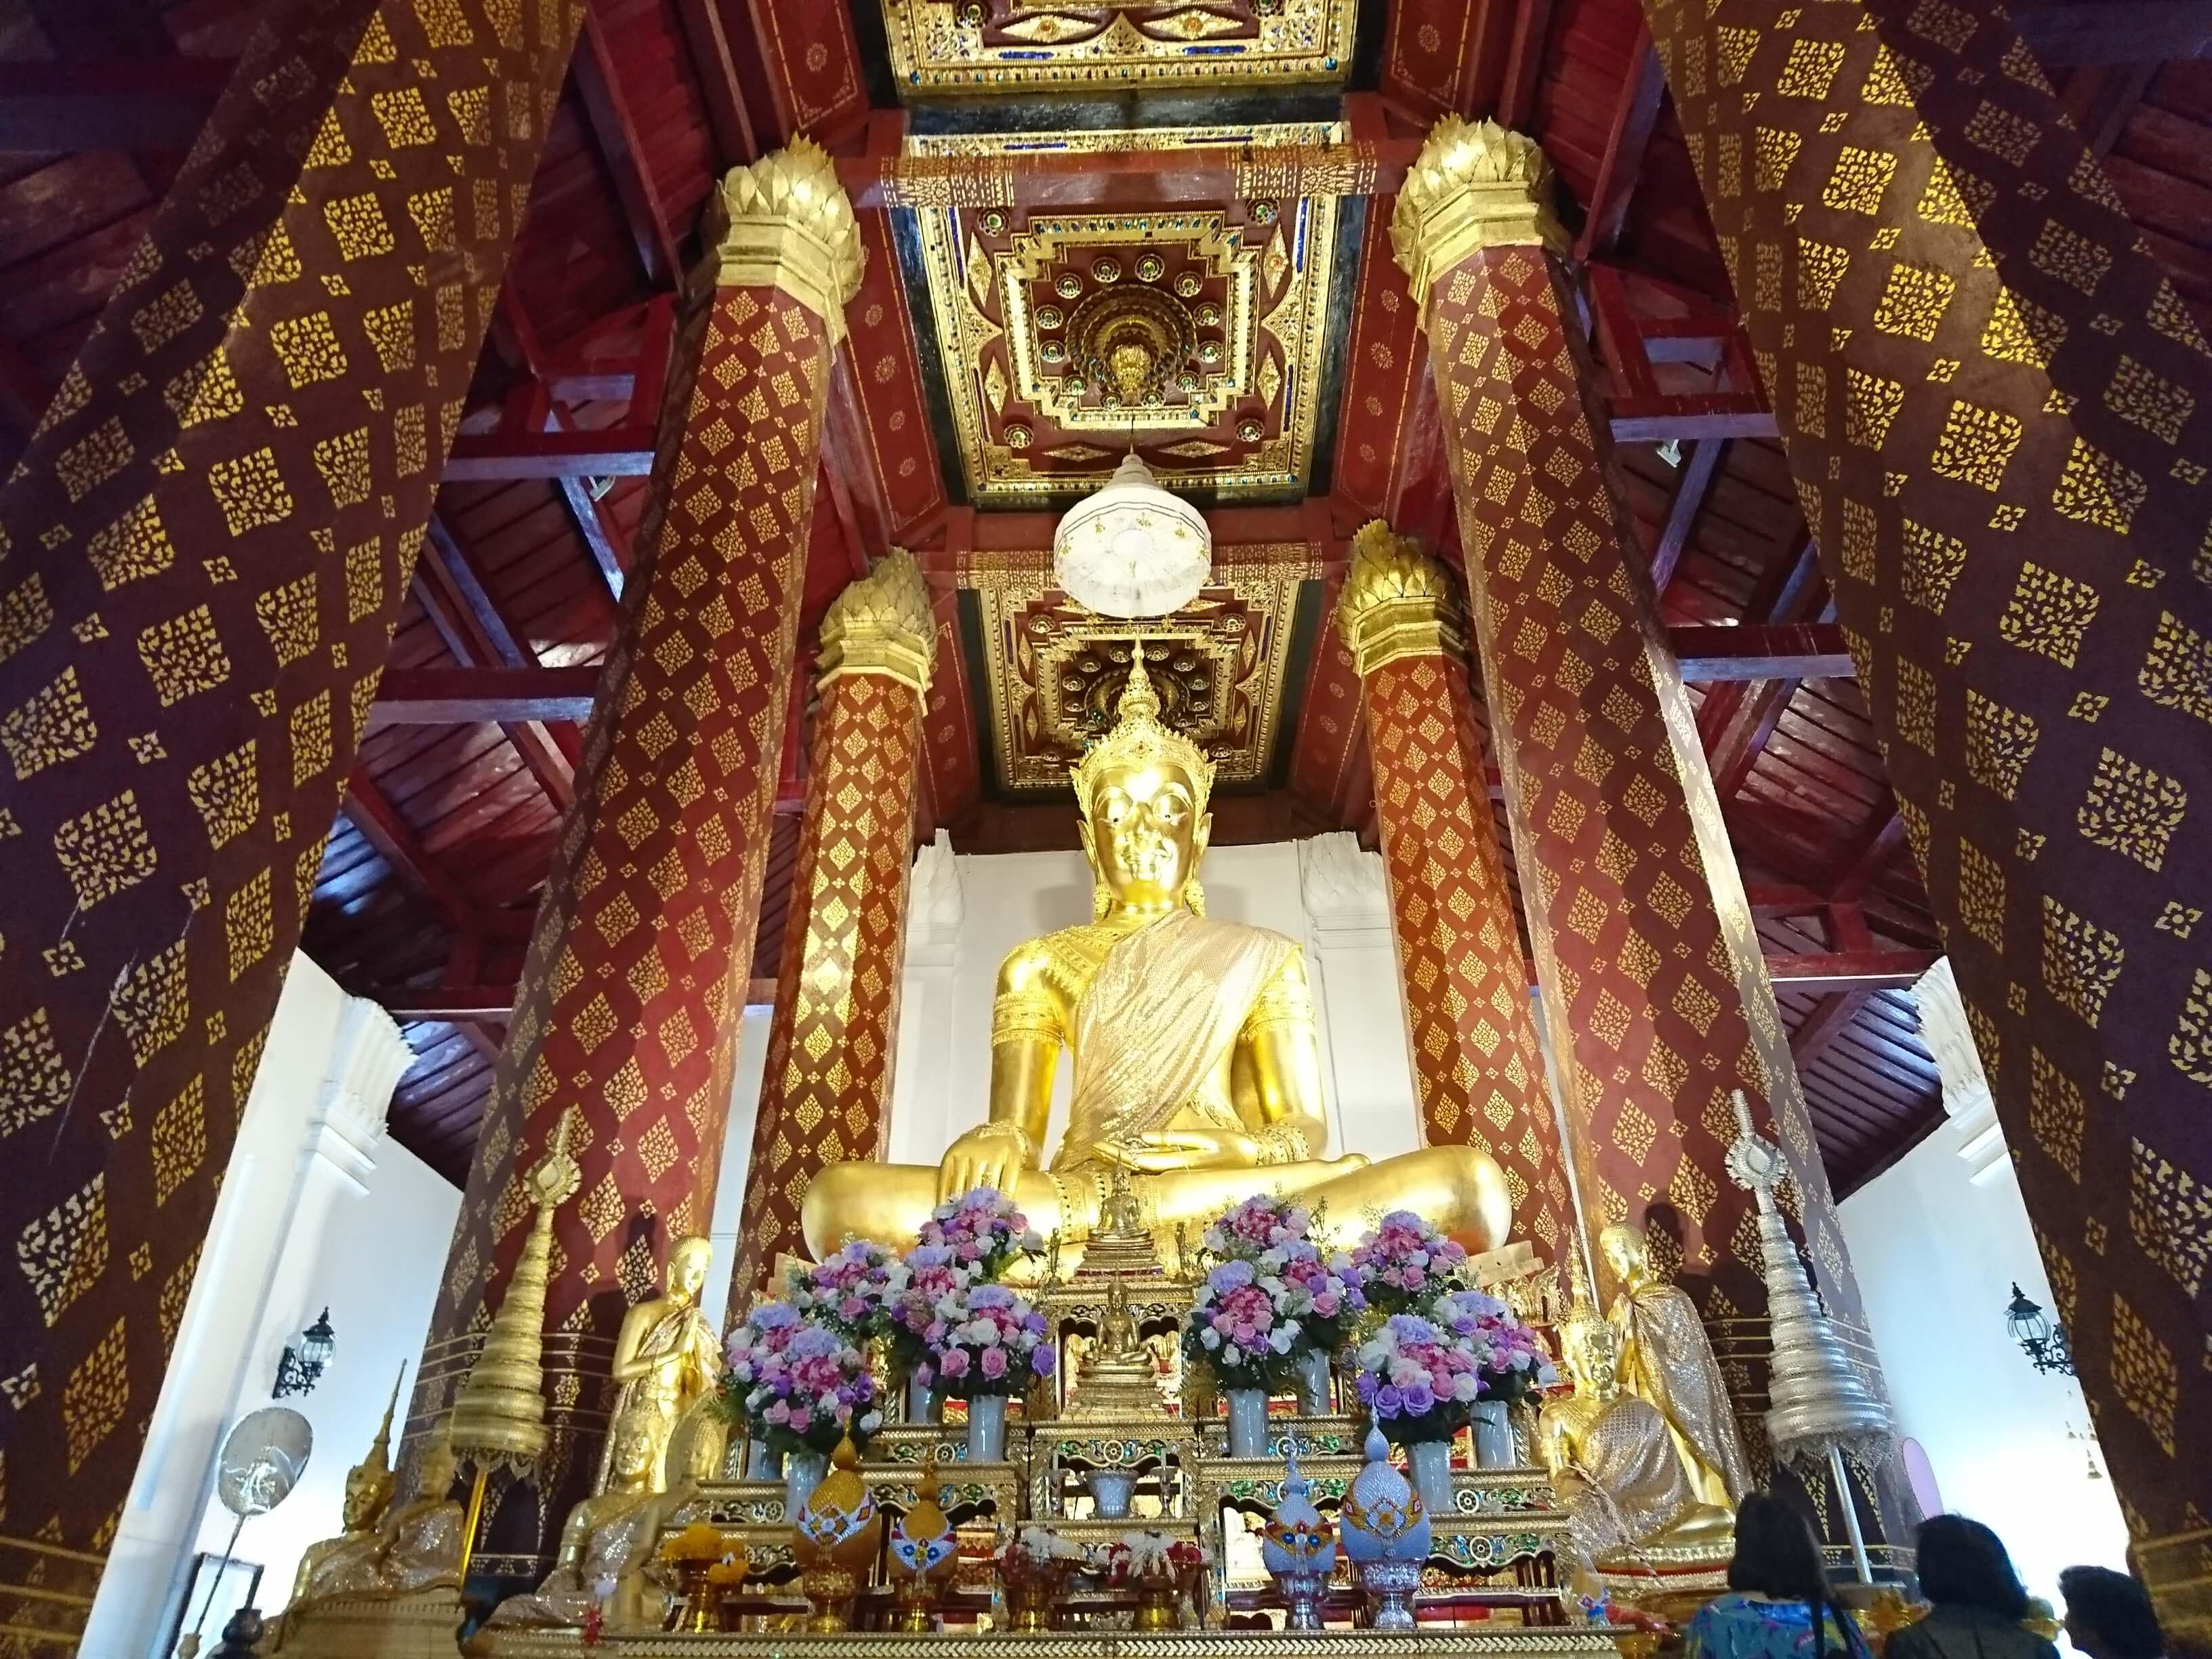 ワット ナープラメーン(วัดหน้าพระเมรุ・Wat Na Phramen)/ ビルマからの侵攻による破壊を免れた奇跡の寺院